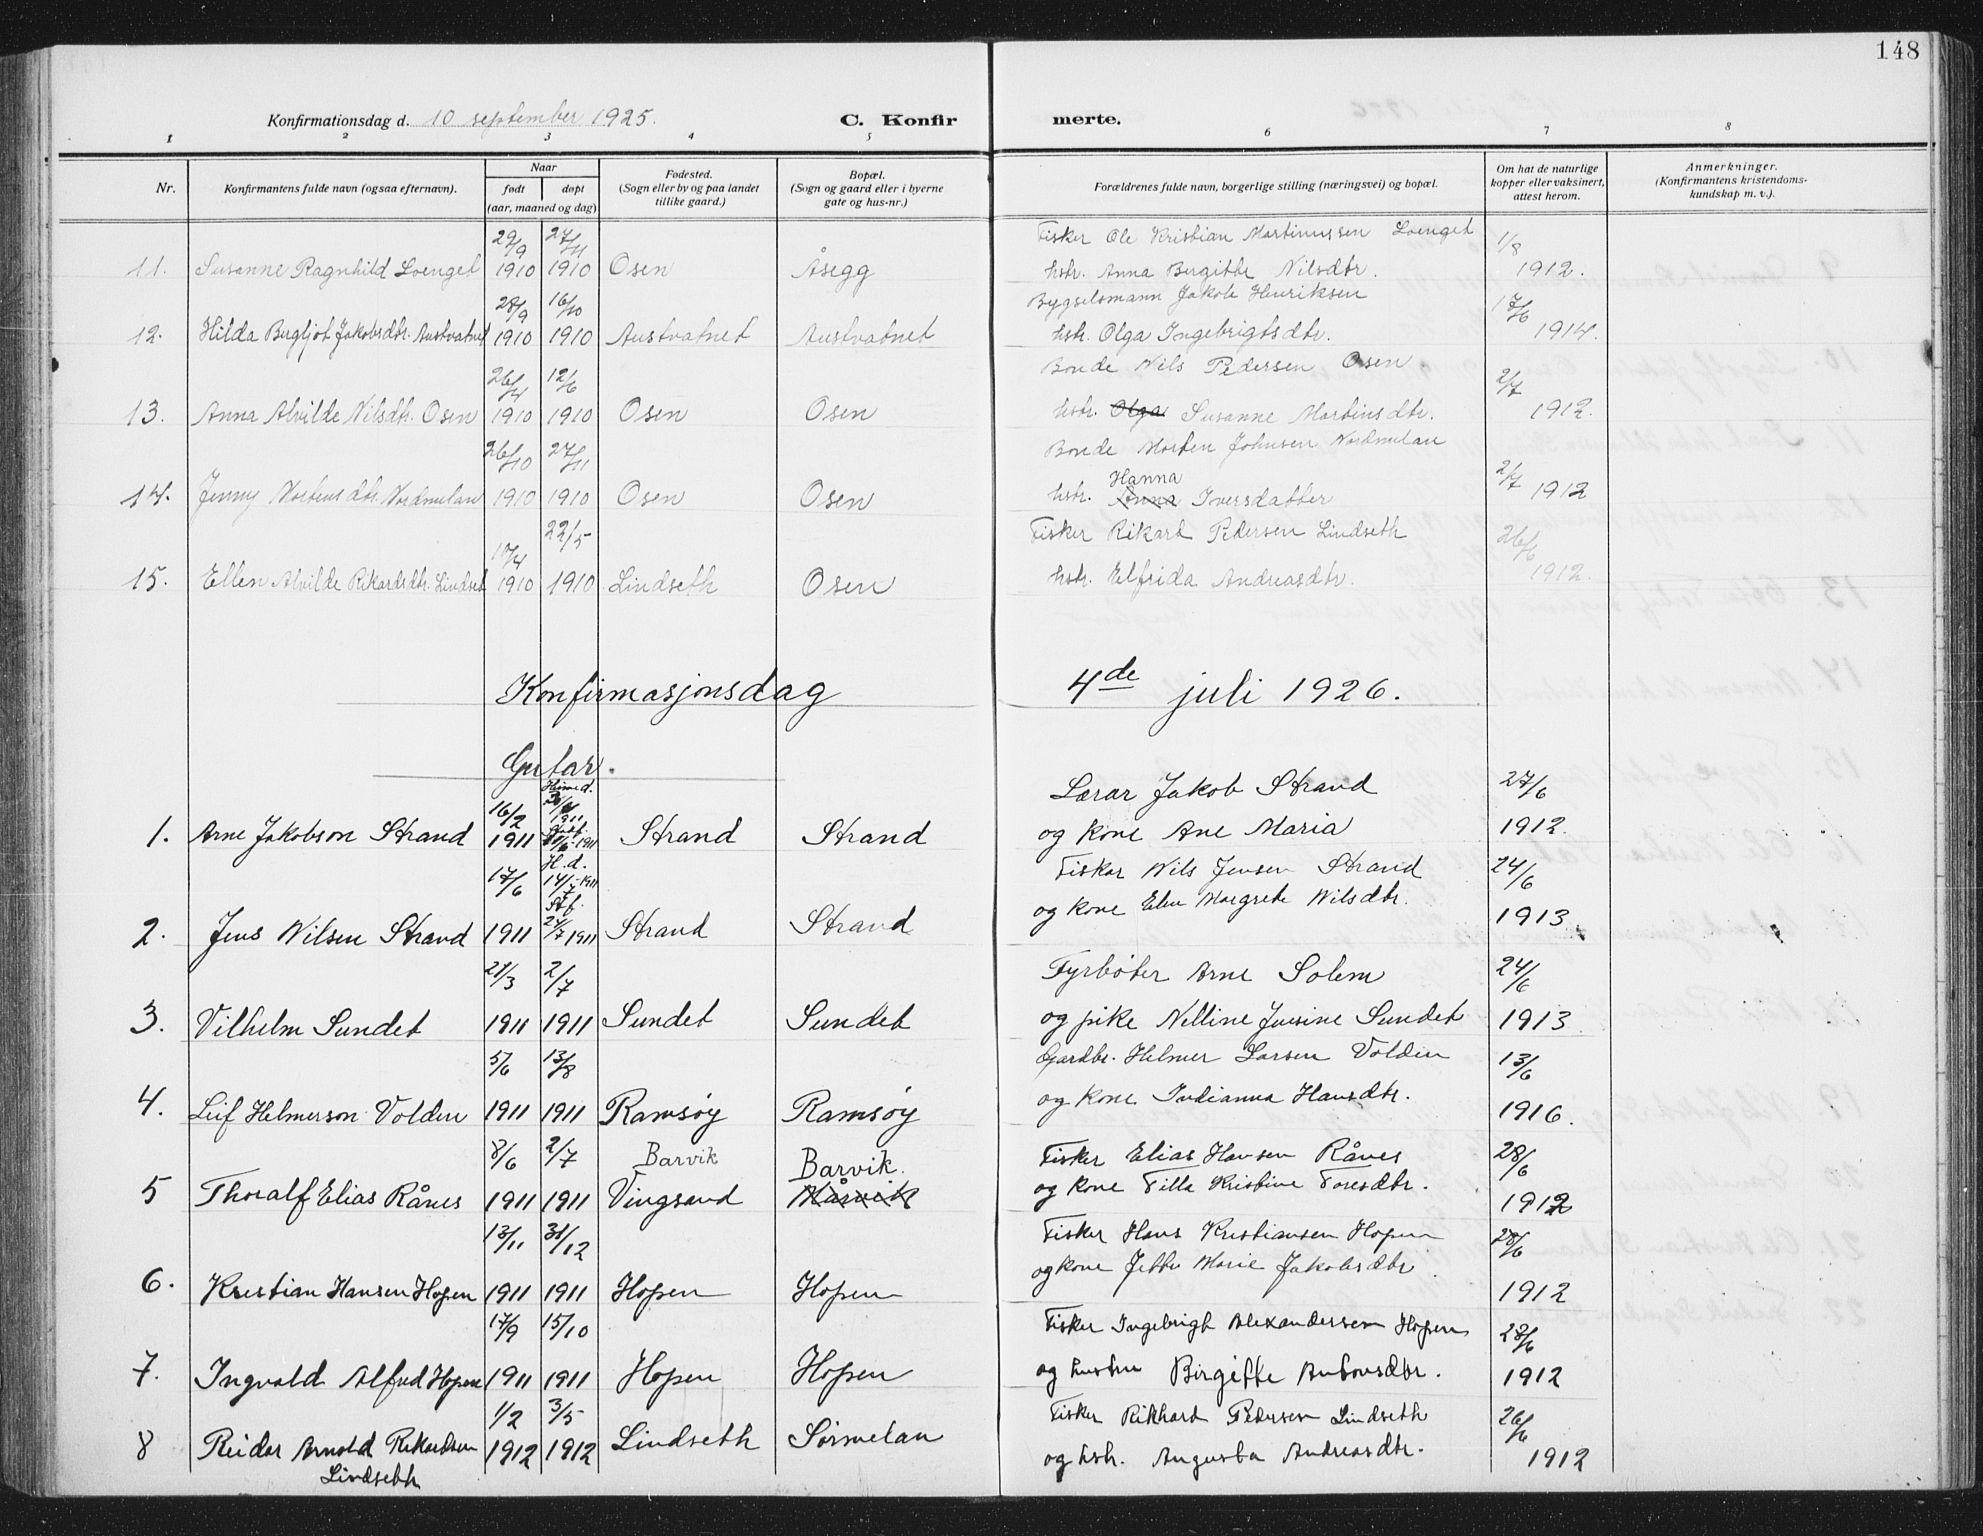 SAT, Ministerialprotokoller, klokkerbøker og fødselsregistre - Sør-Trøndelag, 658/L0727: Klokkerbok nr. 658C03, 1909-1935, s. 148